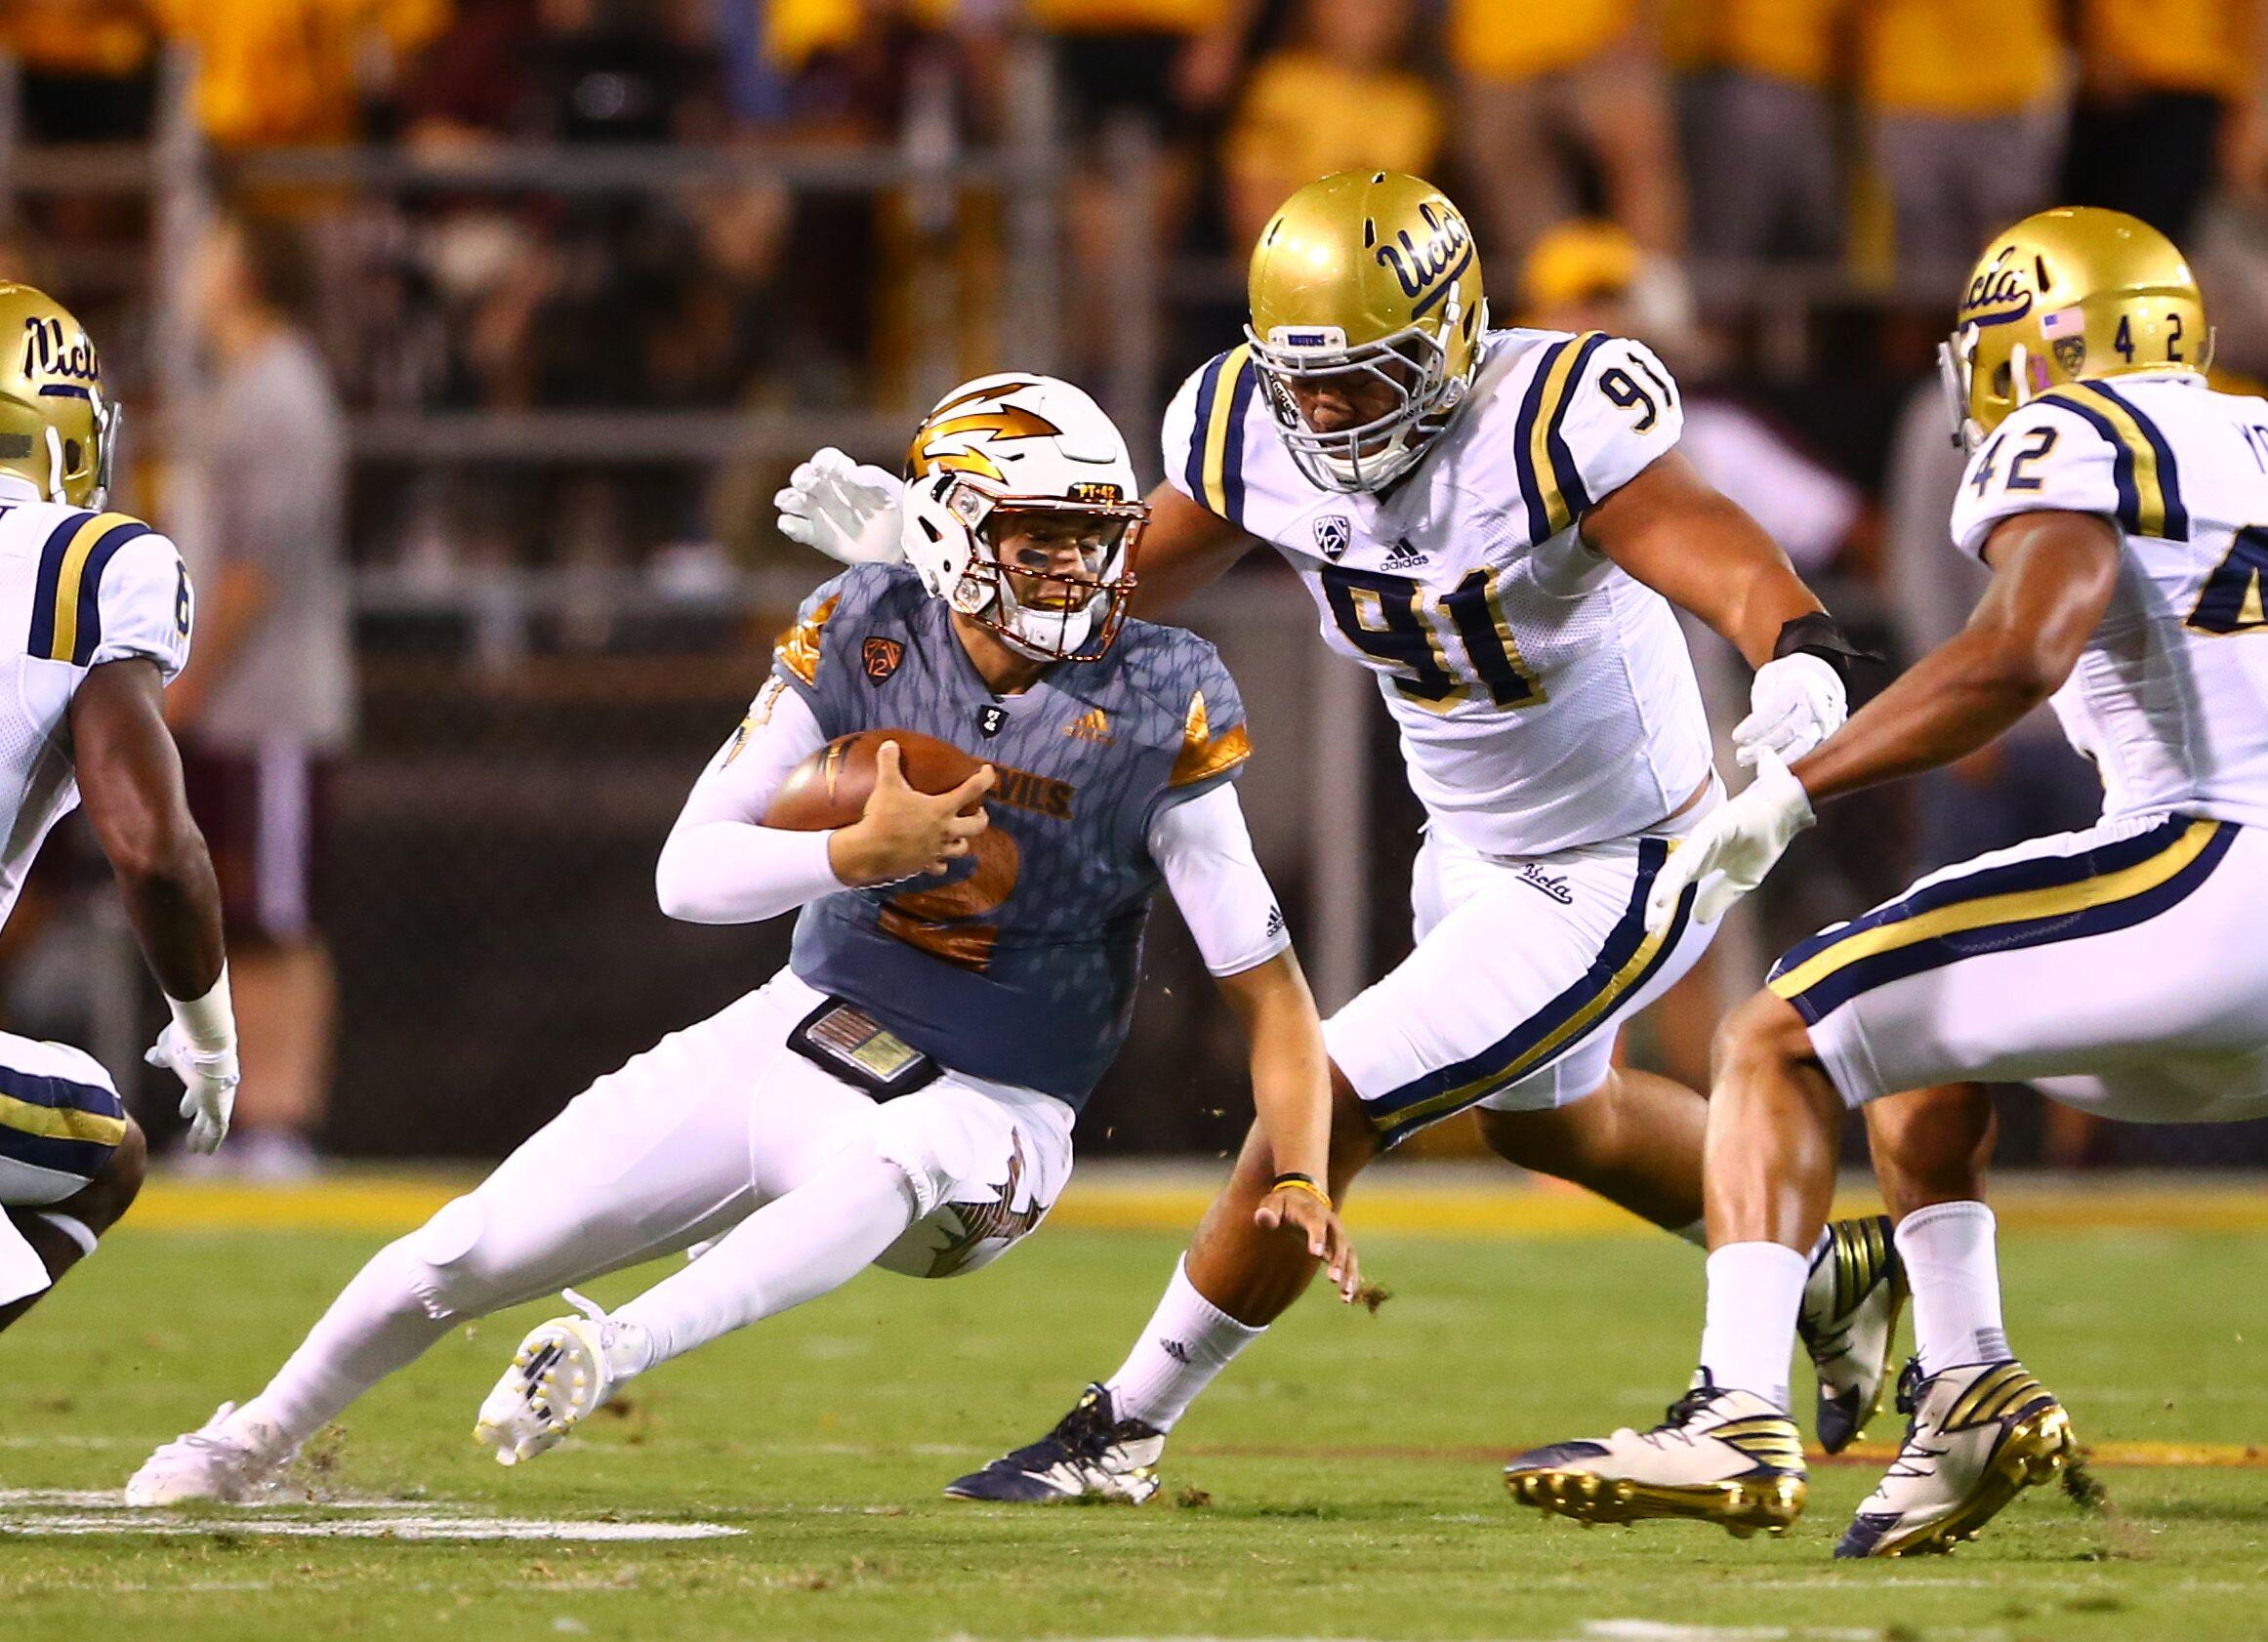 Ucla Football Team UCLA Football: Grading...